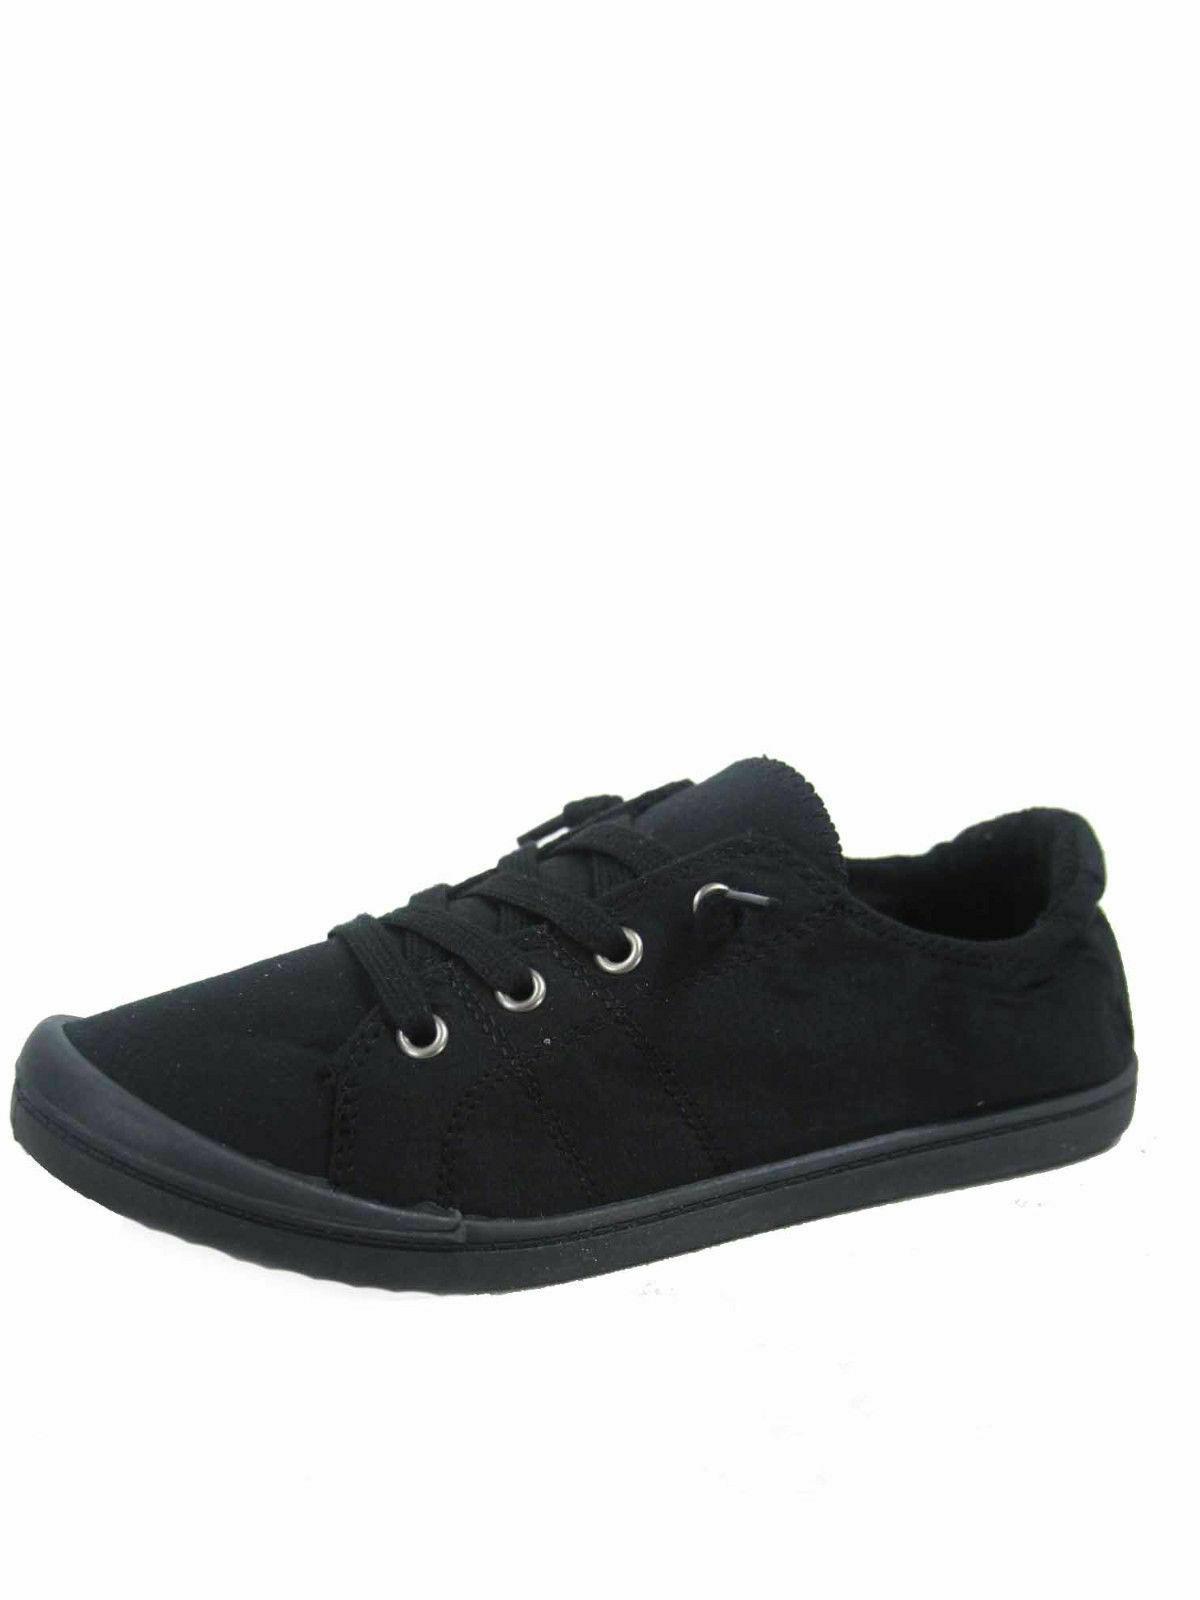 Women's Flat Sneaker 5.5 11